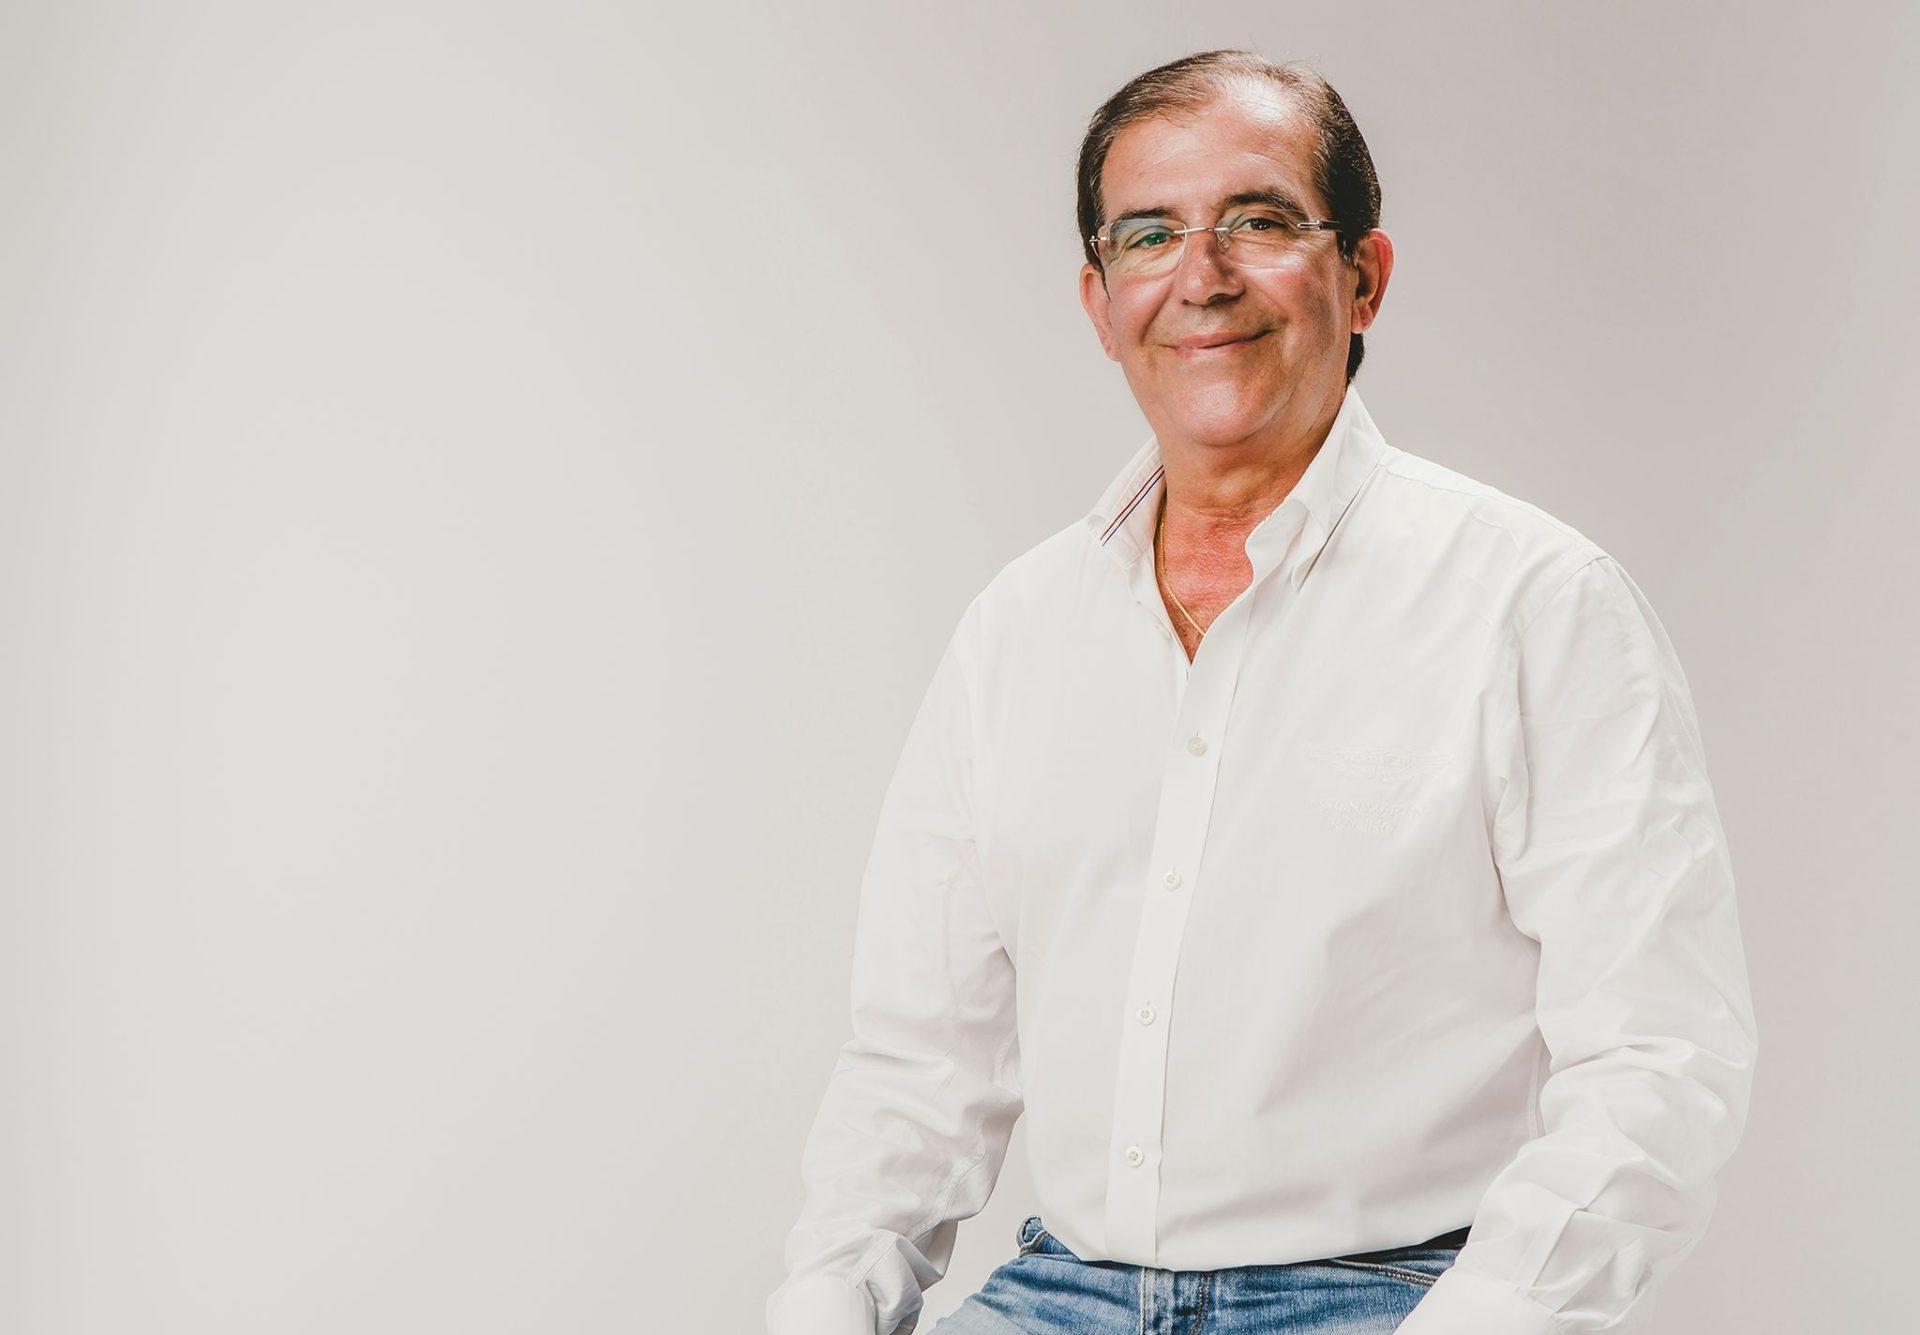 Concejal de PP en Gandia, Antonio Rodríguez Aparis